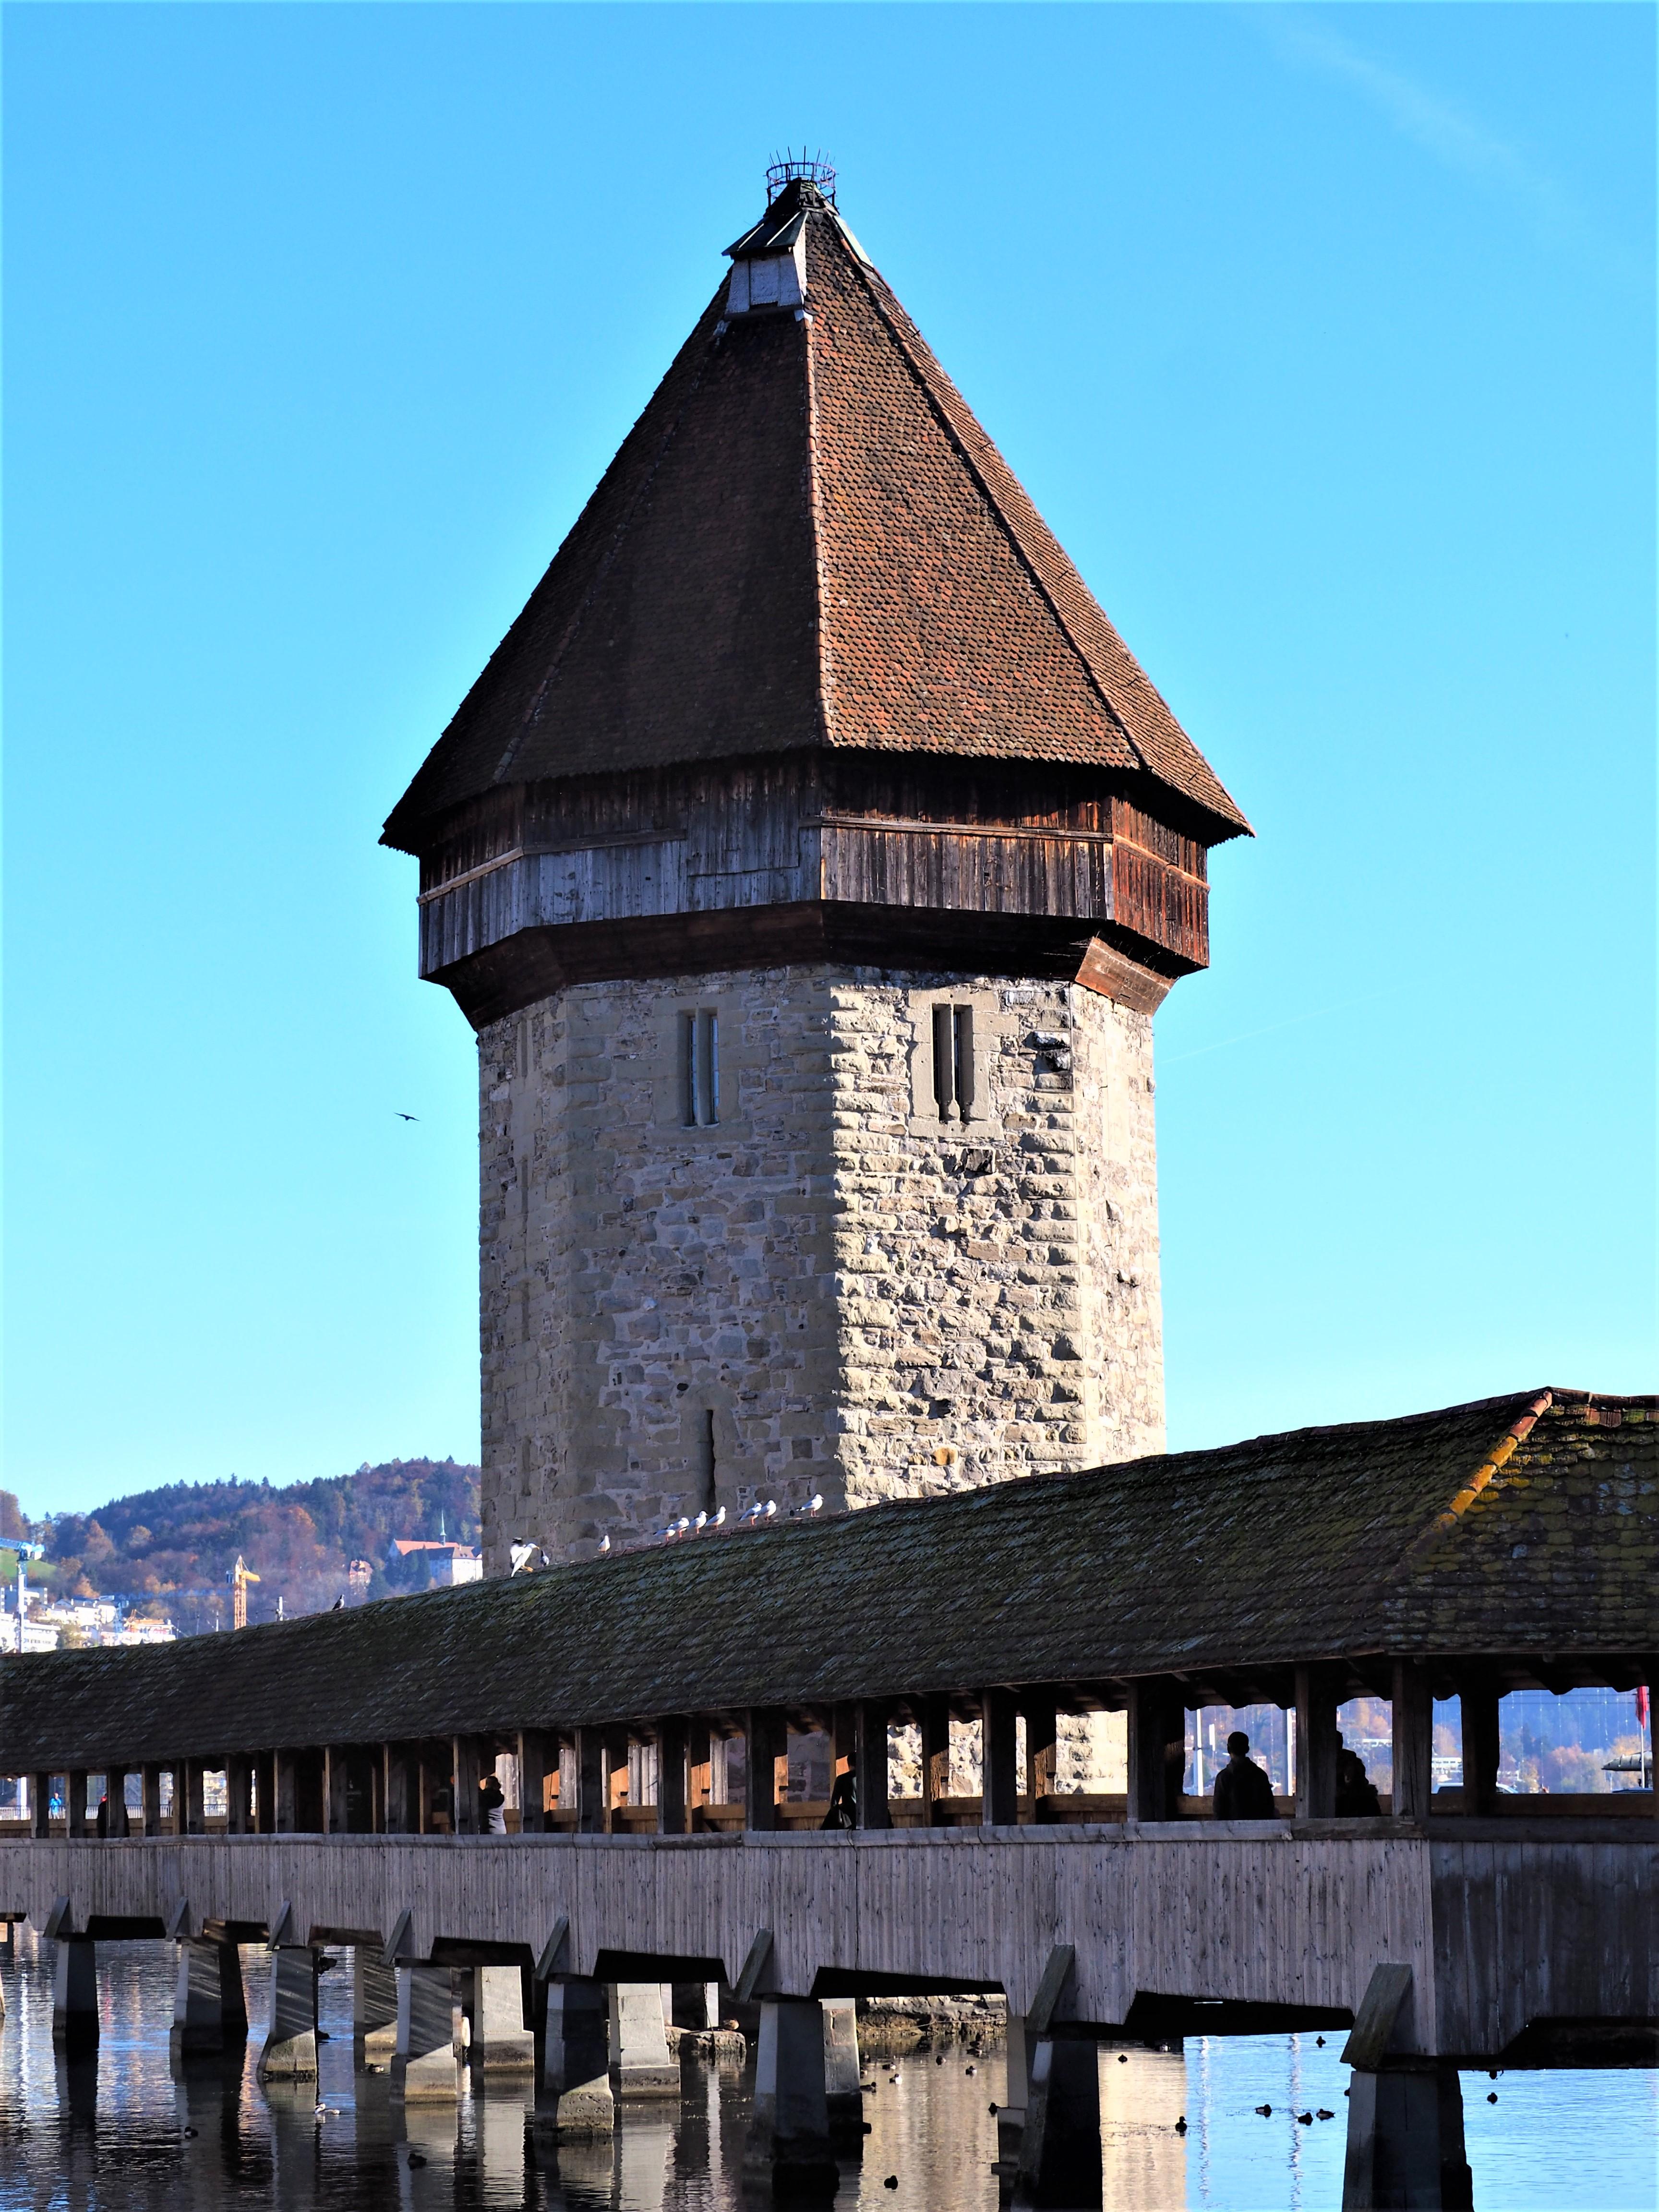 Lucerne-Pont-de-la-Chapelle-et-la-tour-deau-blogvoyage-clioandco-suisse